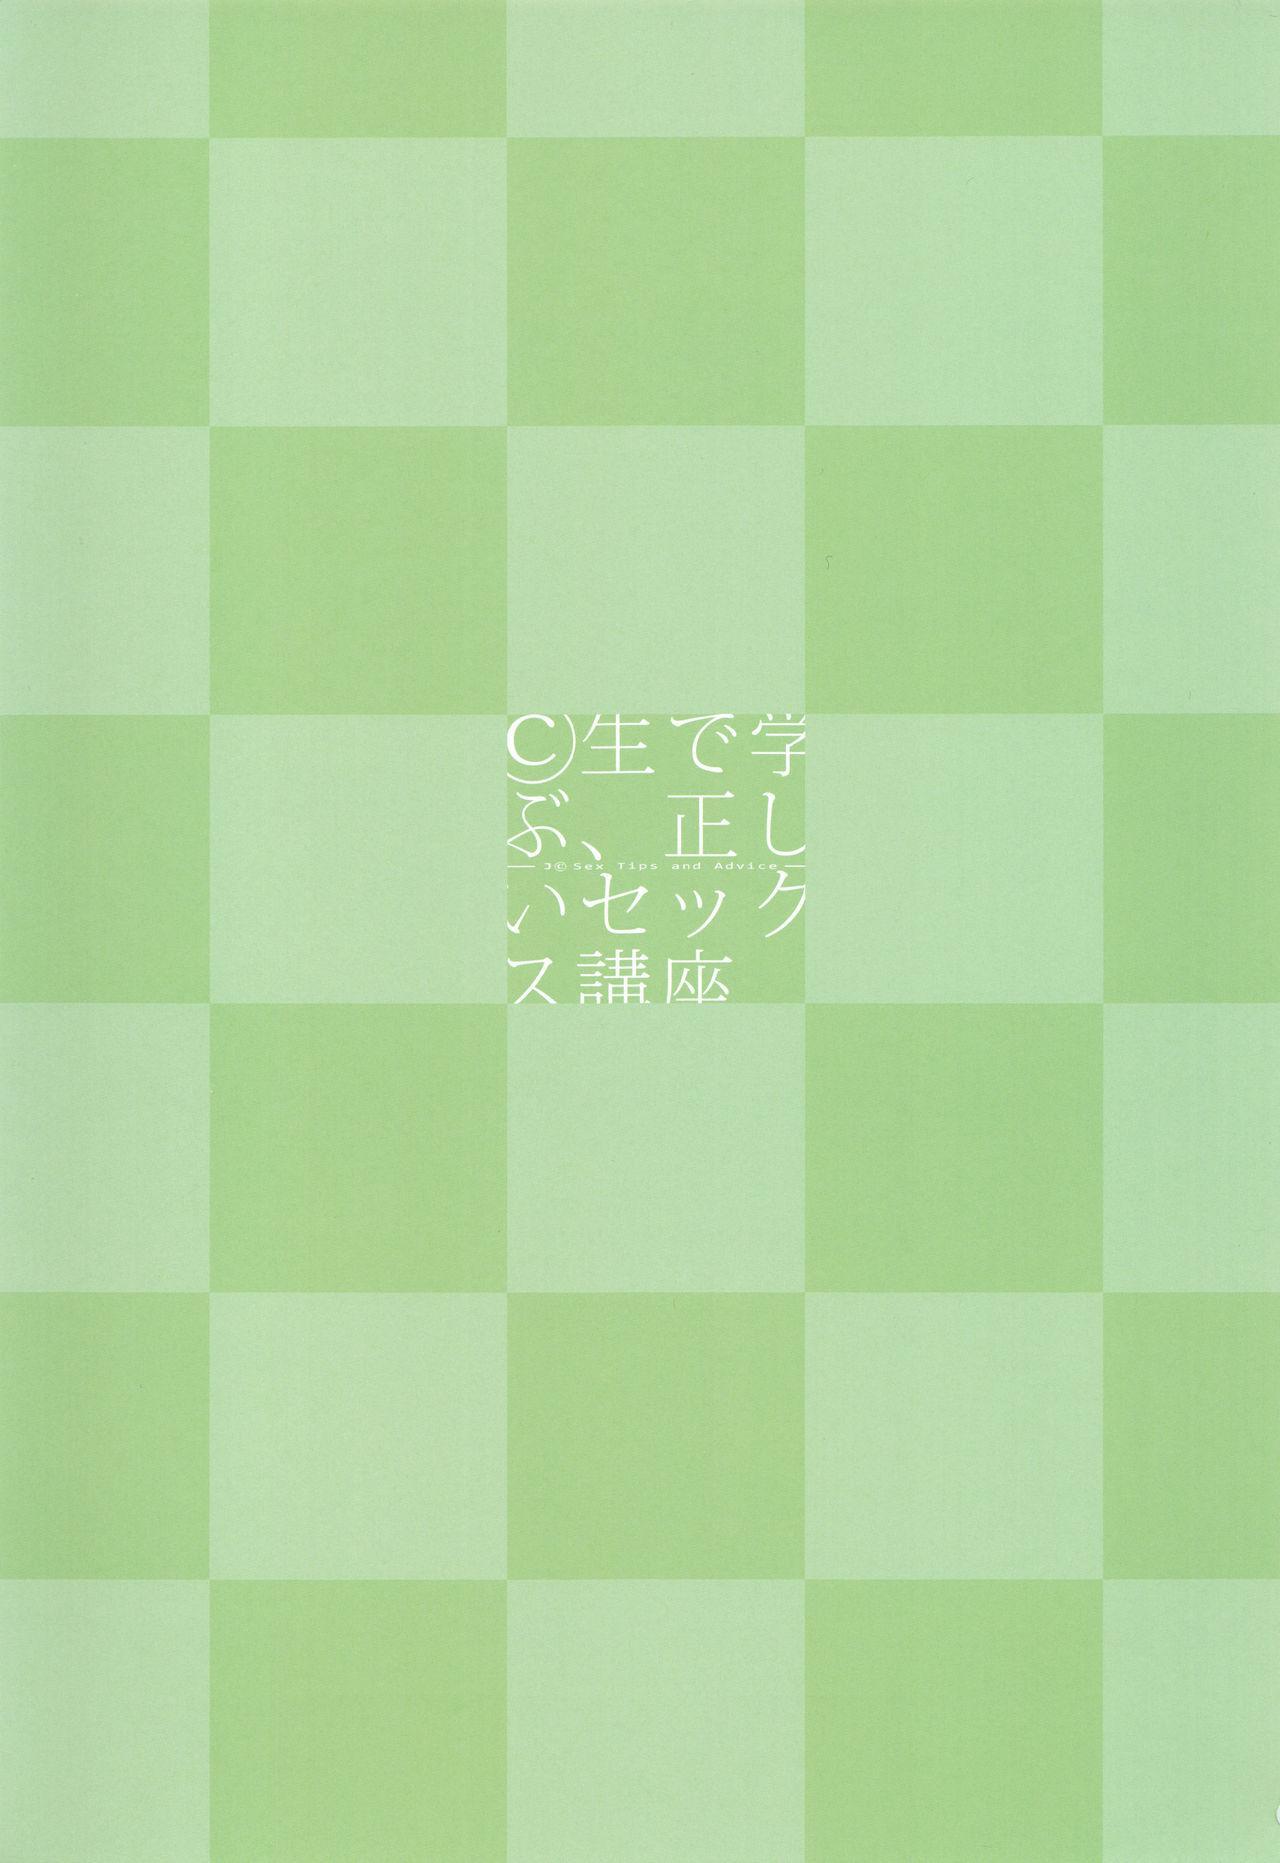 ©-sei de Manabu, Tadashii Sex Kouza 2